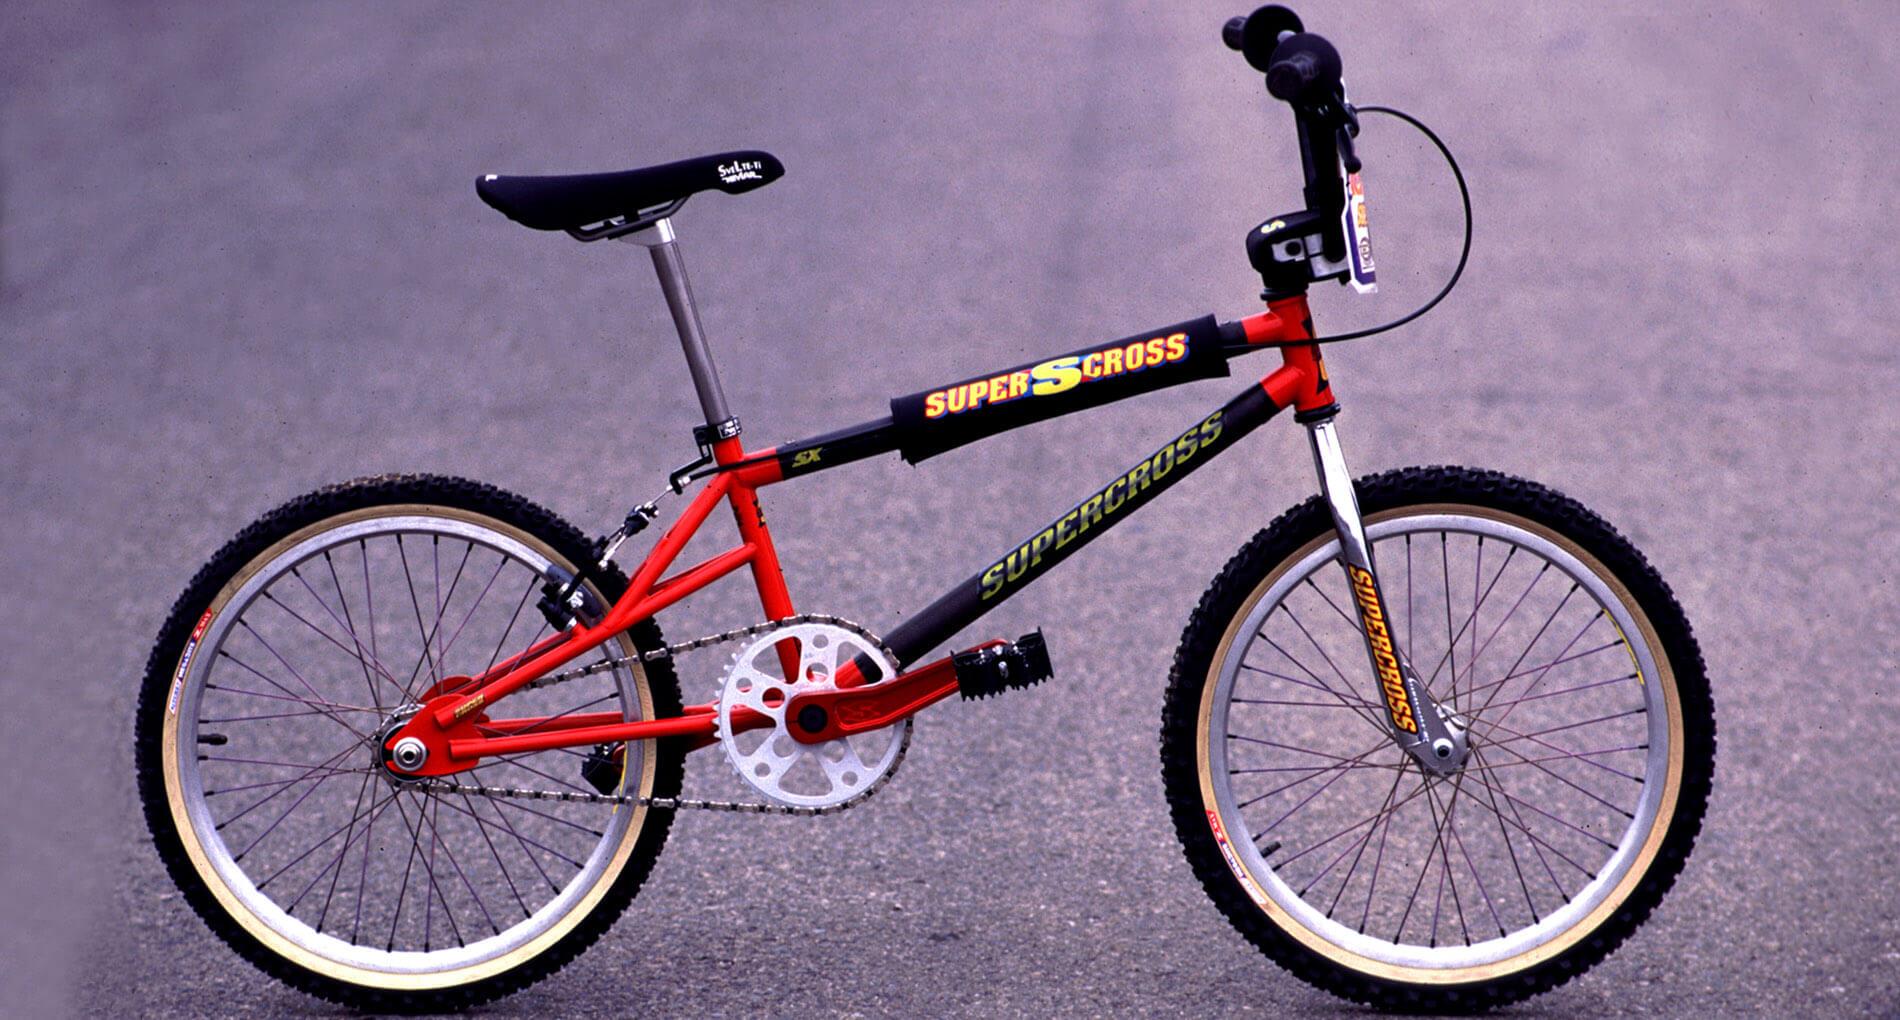 Supercross BMX 10